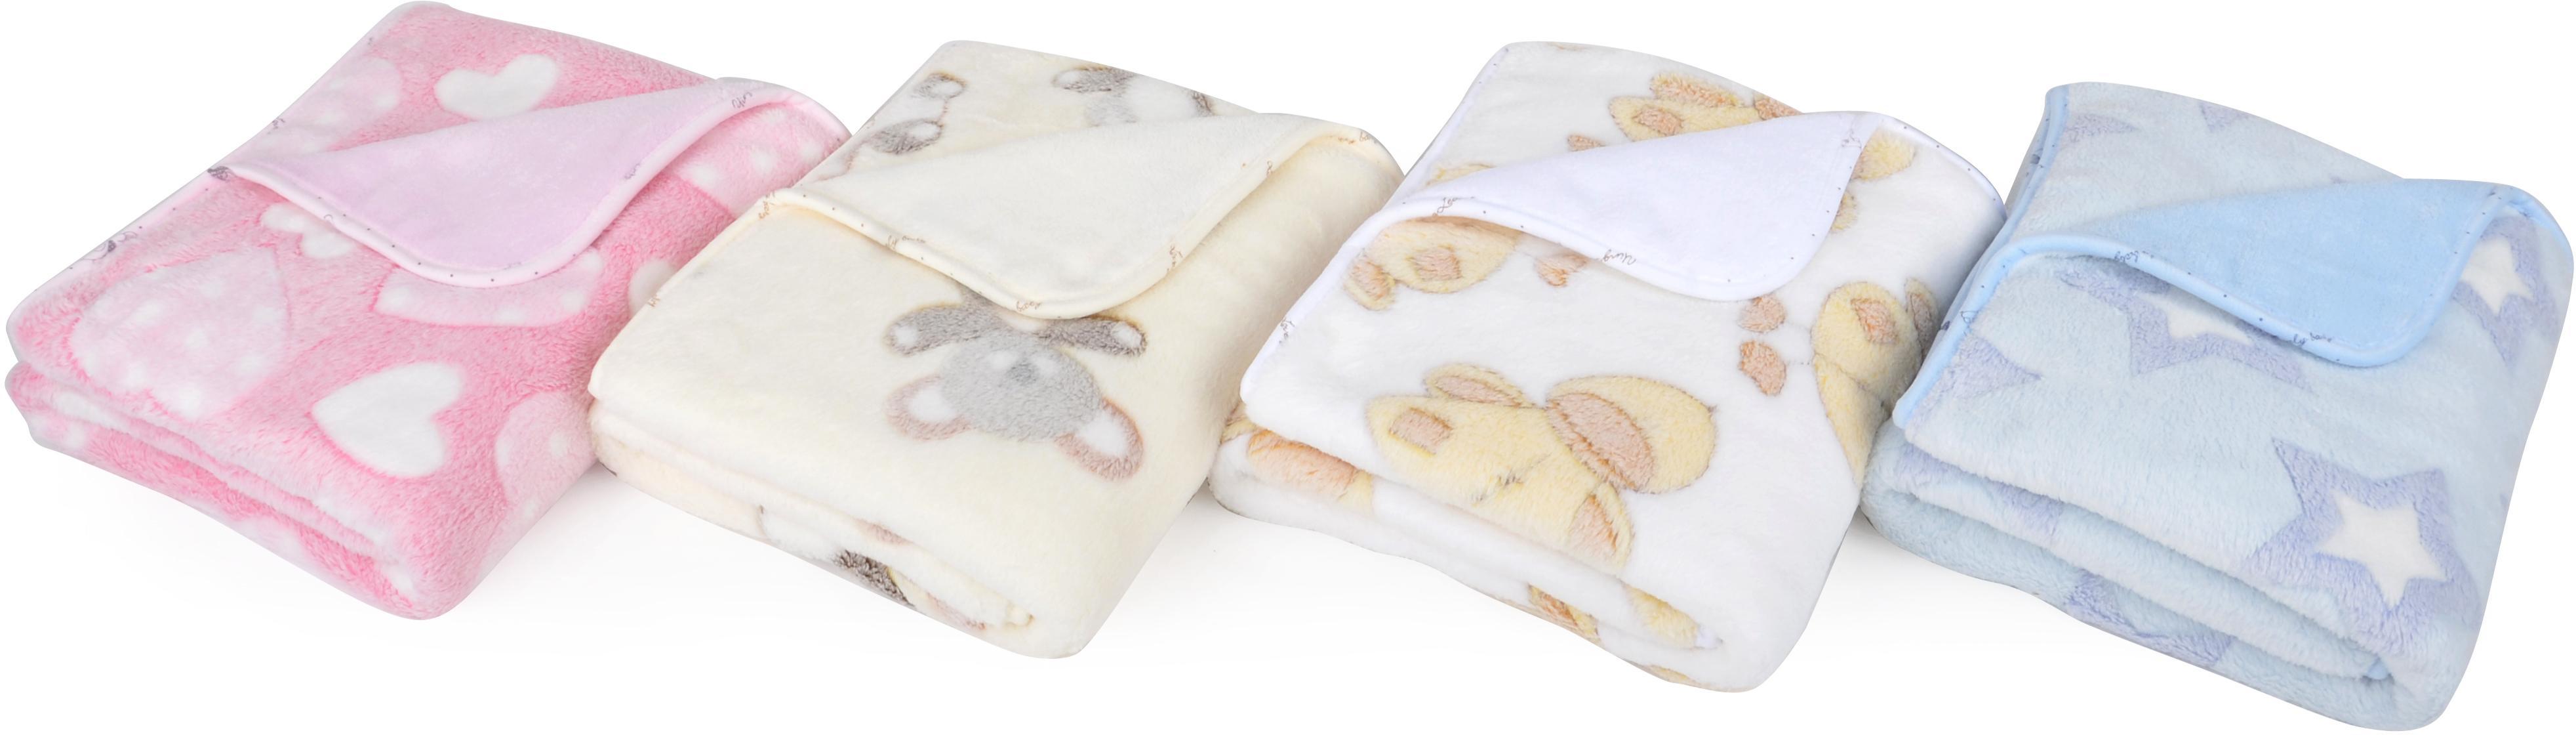 Dětská deka EMMA bílá motiv kačenky 80x90 cm Mybesthome